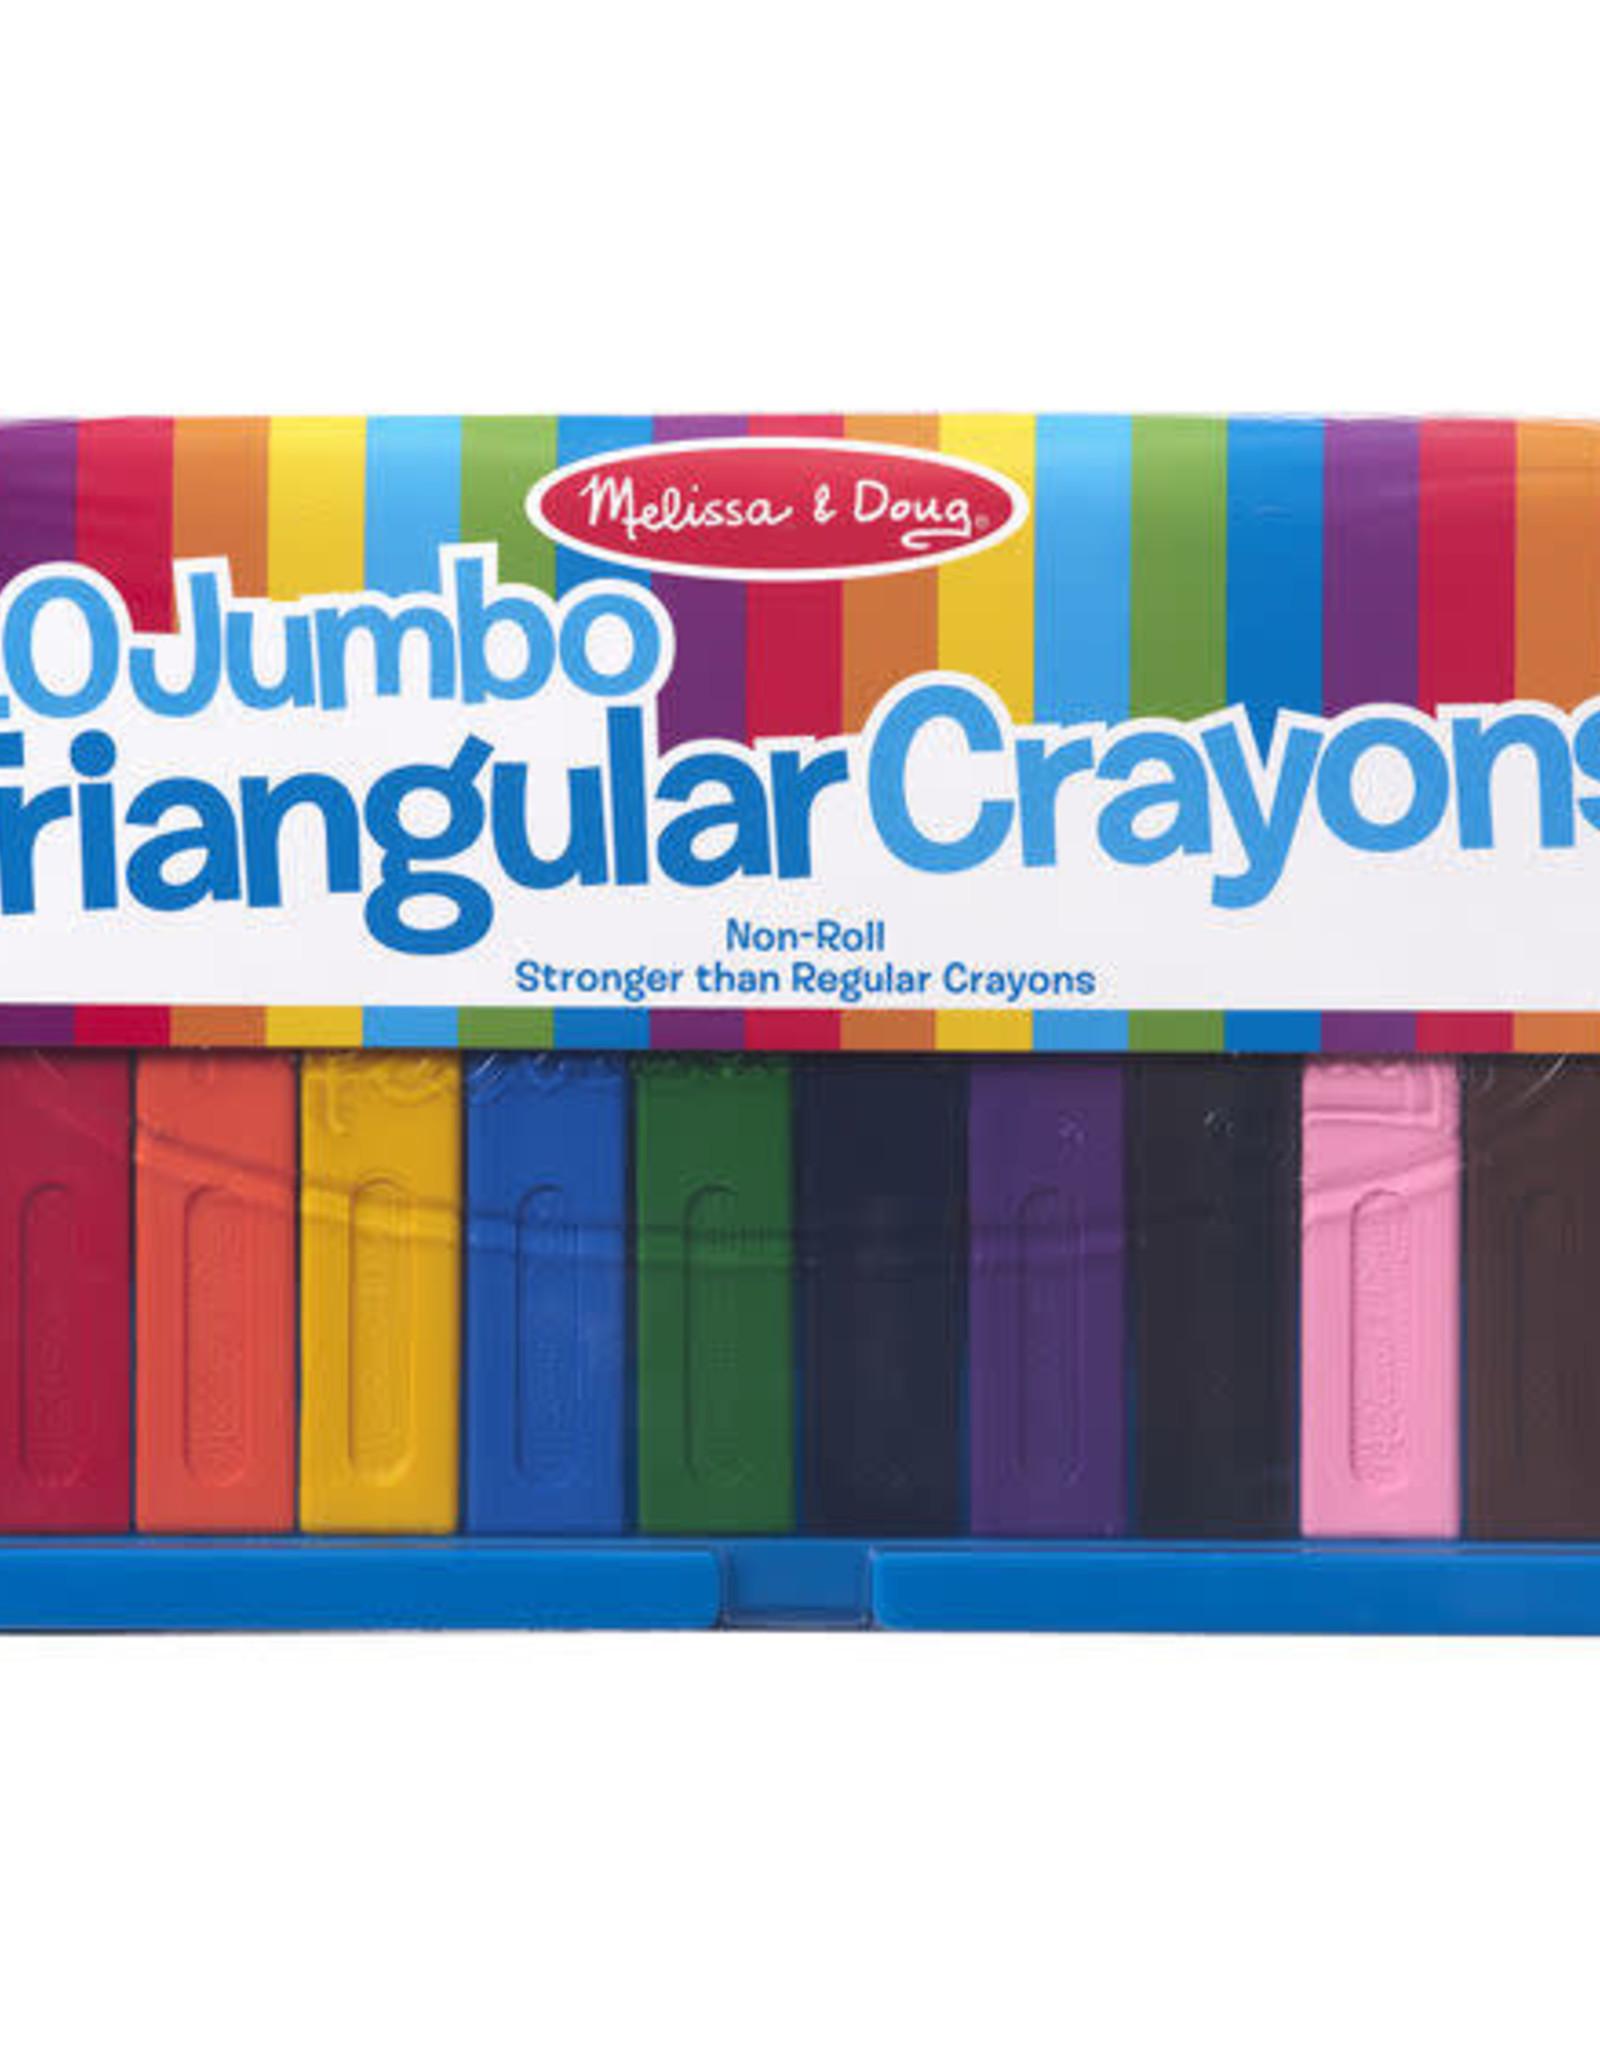 Melissa & Doug 10 Jumbo Triangular Crayons